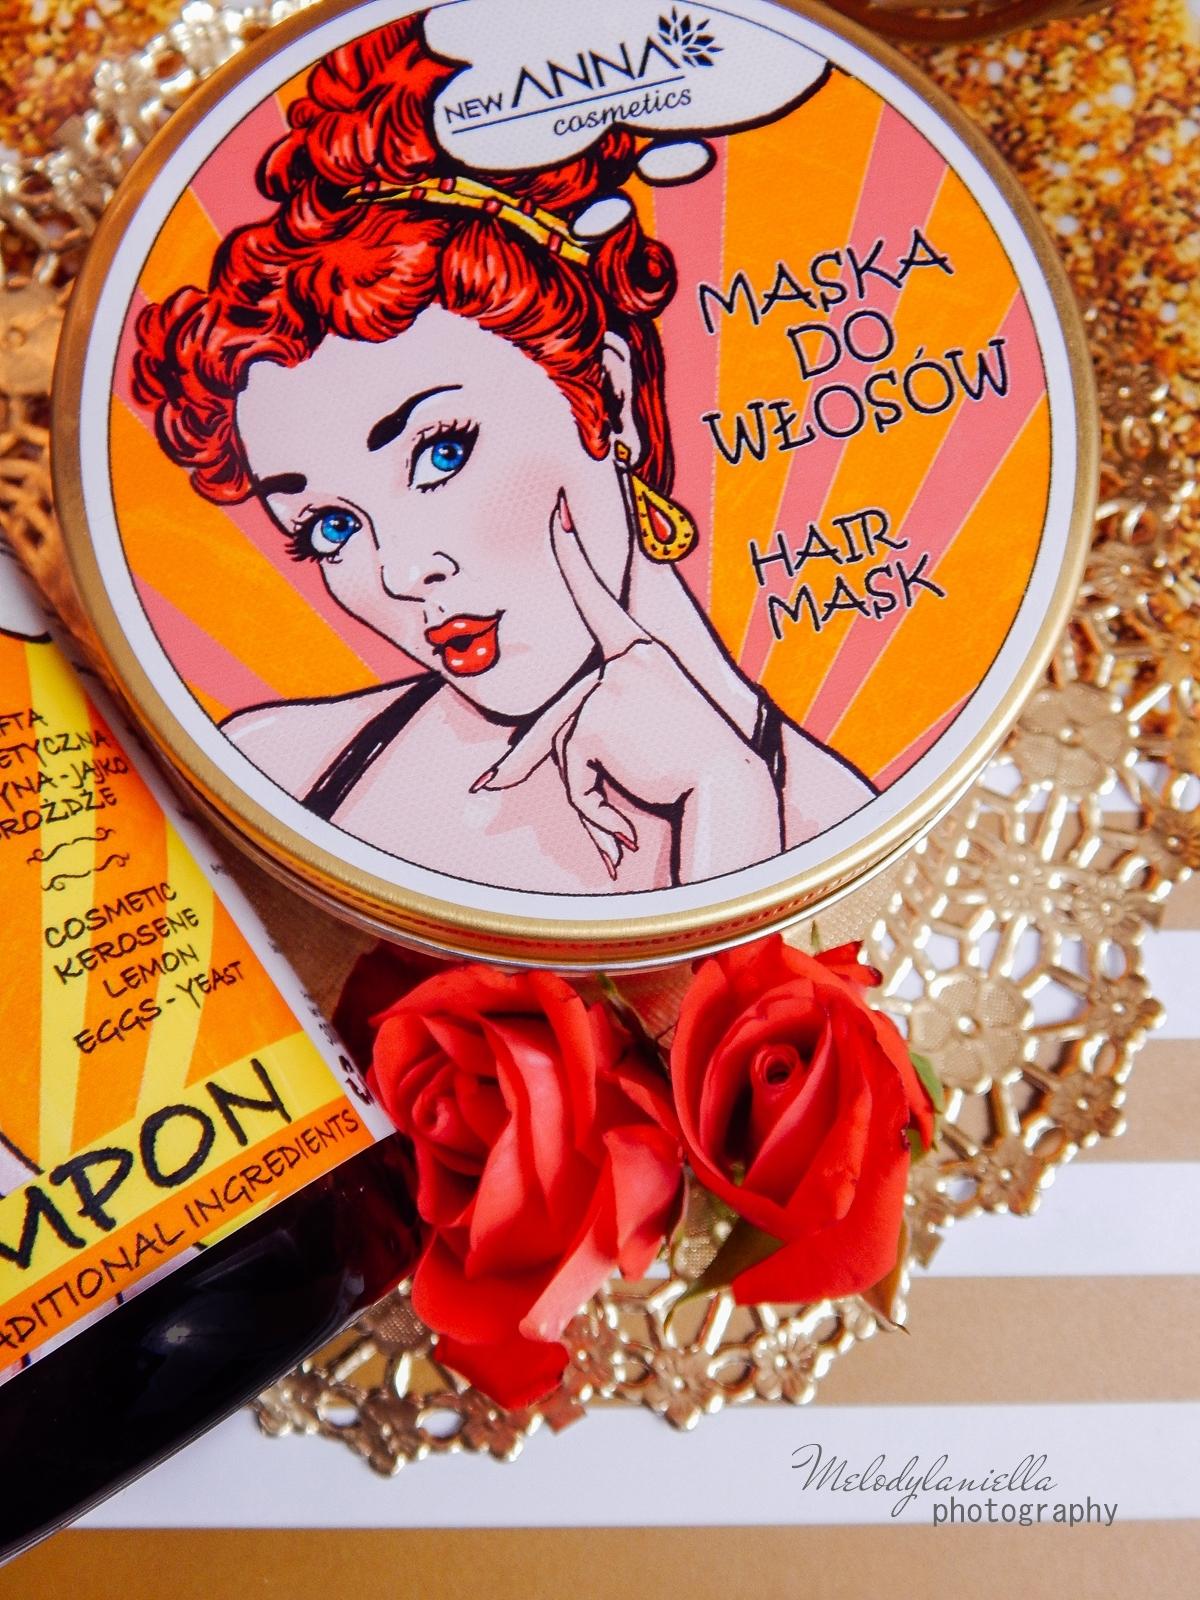 6 new anna cosmetics szampon z naftą kosmetyczną cytryną jajkiem i drożdżami maska do włosów z naftą kosmetyczną opinie recenzje szapon do włosow przetłuszczających się maska do włosów tłustych odrzywka-2